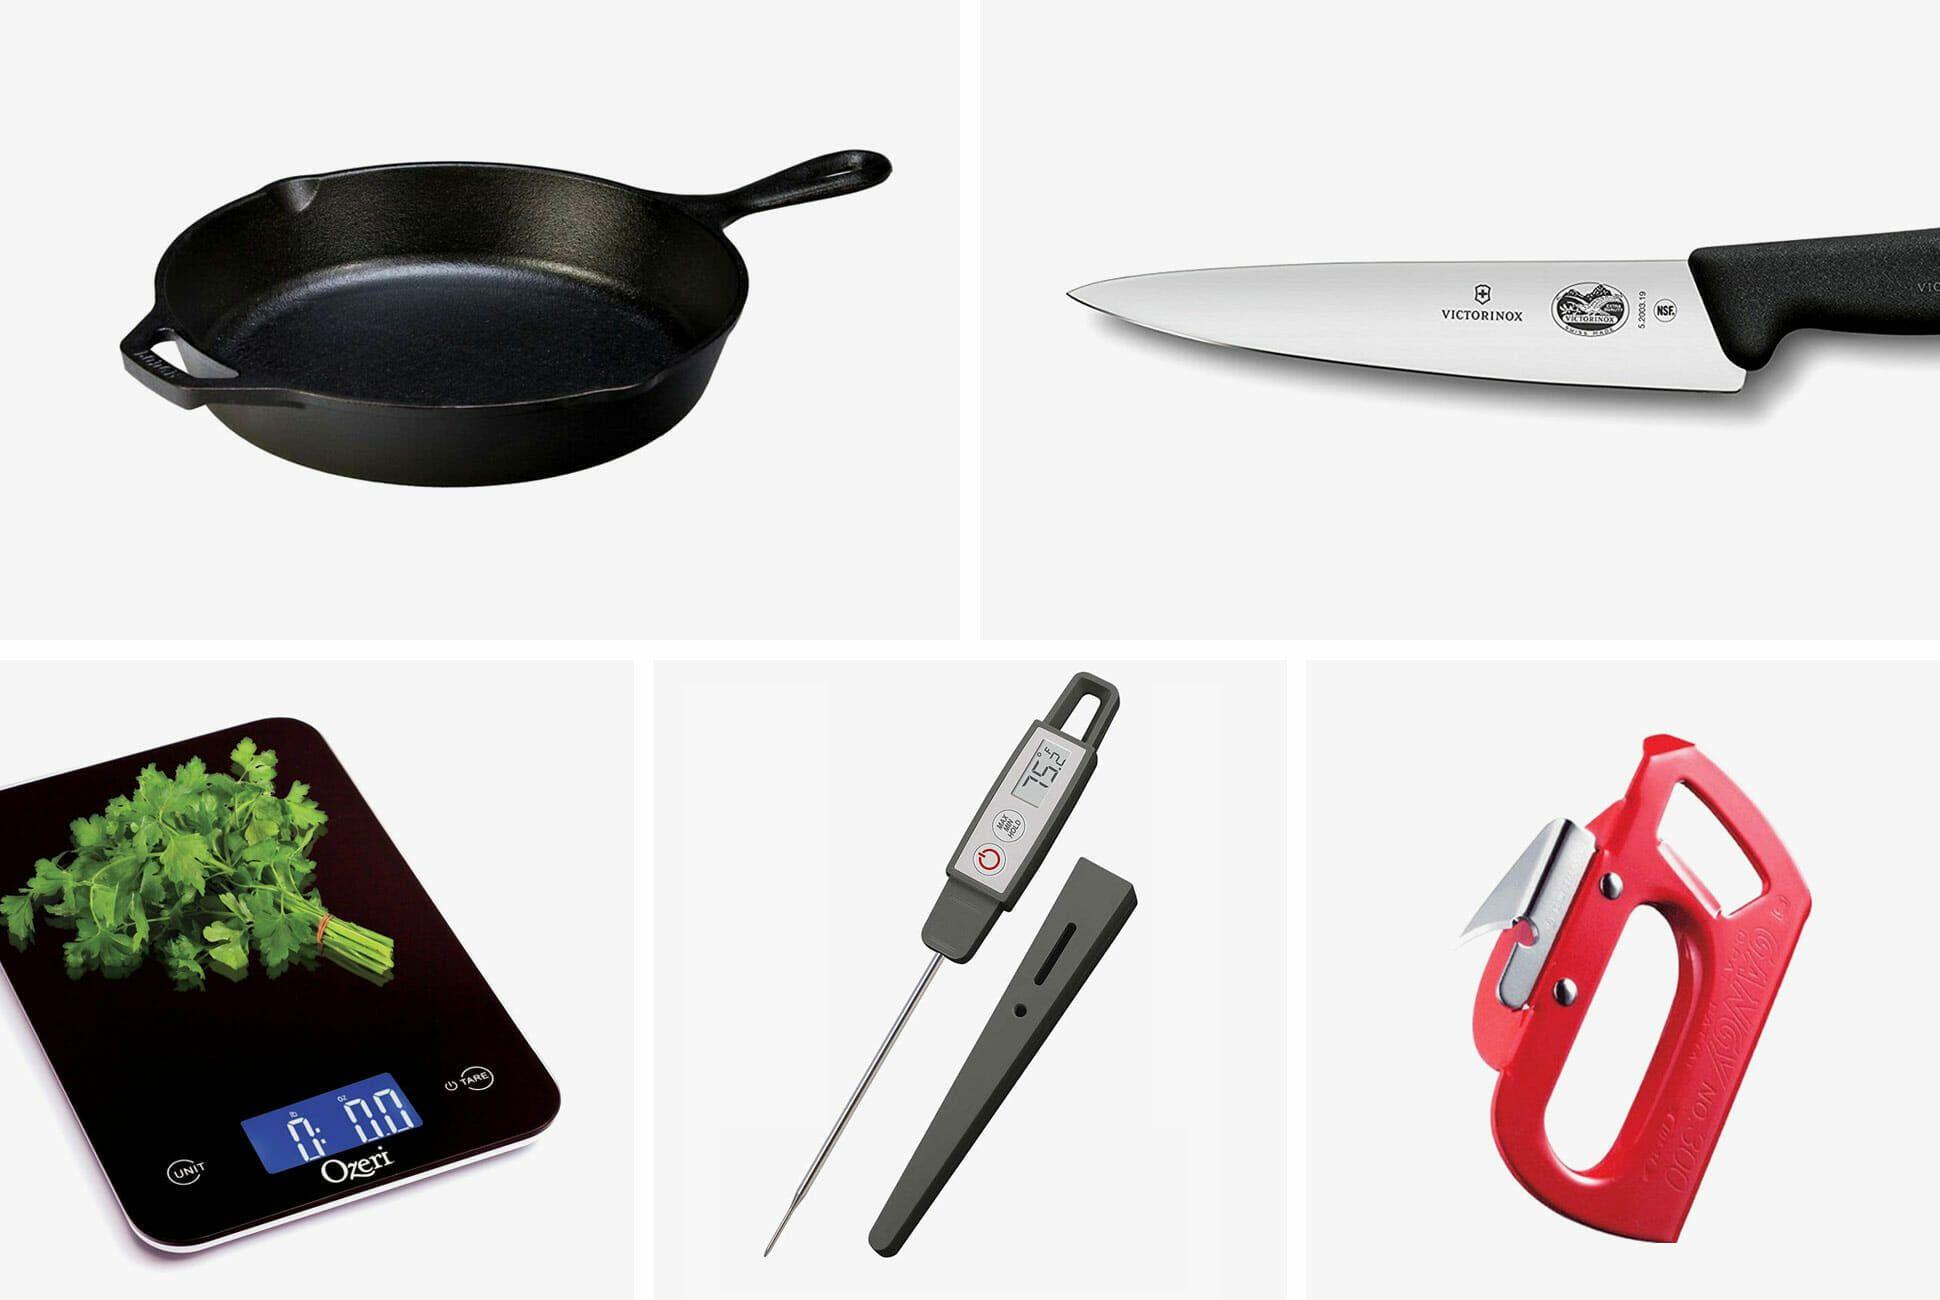 The 25 Best Kitchen Tools Under $25 • Gear Patrol